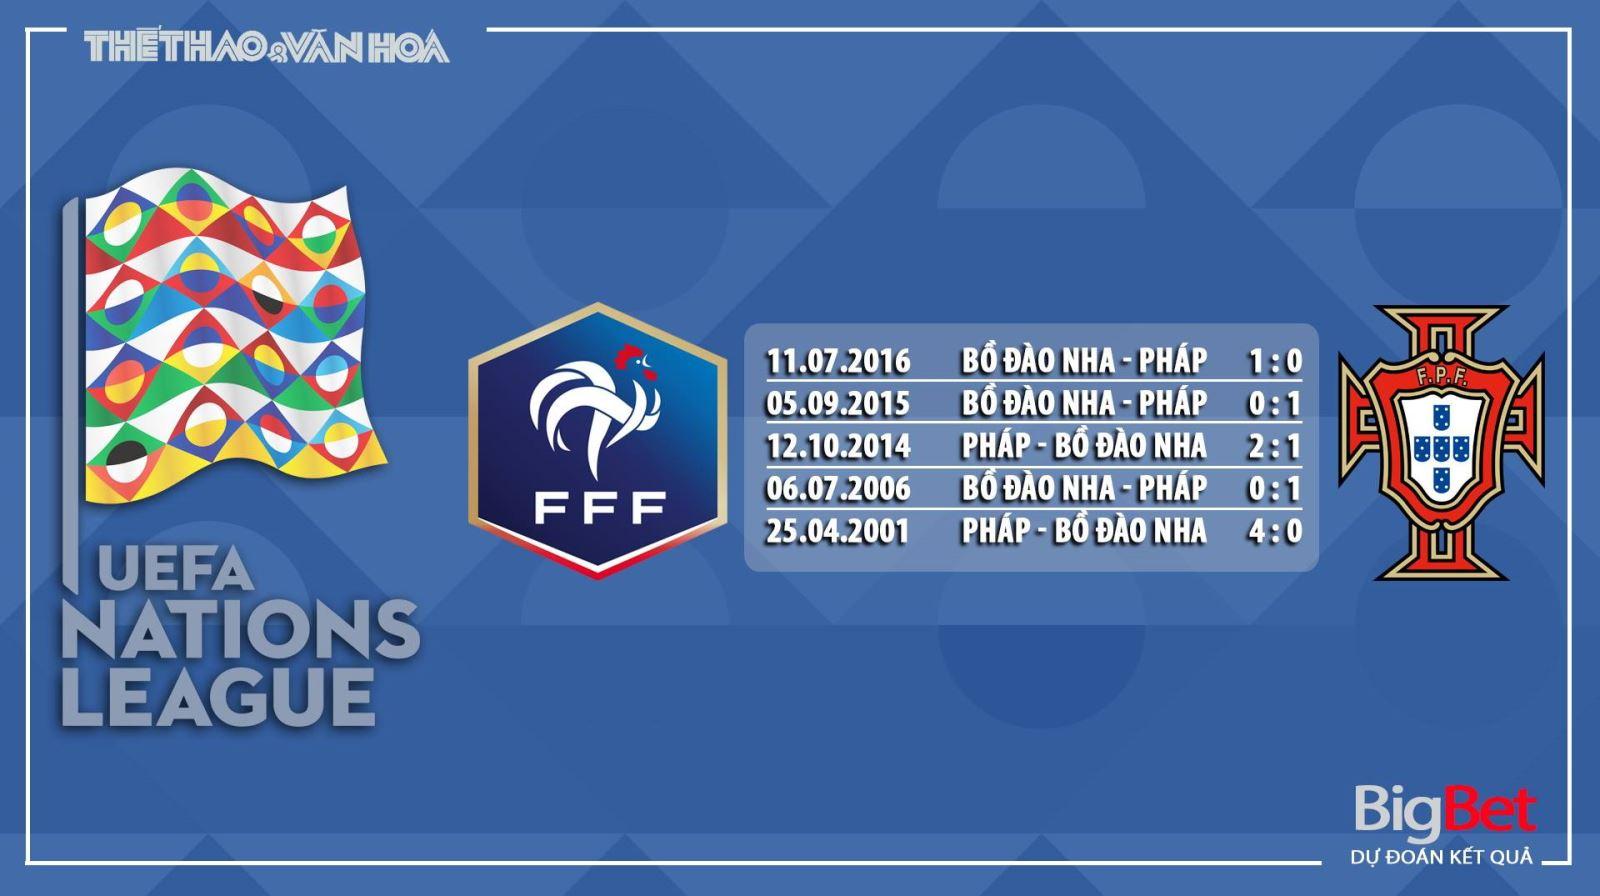 Pháp vs Bồ Đào Nha, Pháp, Bồ Đào Nha, soi kèo Pháp vs Bồ Đào Nha, dự đoán Pháp vs Bồ Đào Nha, trực tiếp Pháp vs Bồ Đào Nha, kèo bóng đá, kèo nhà cái